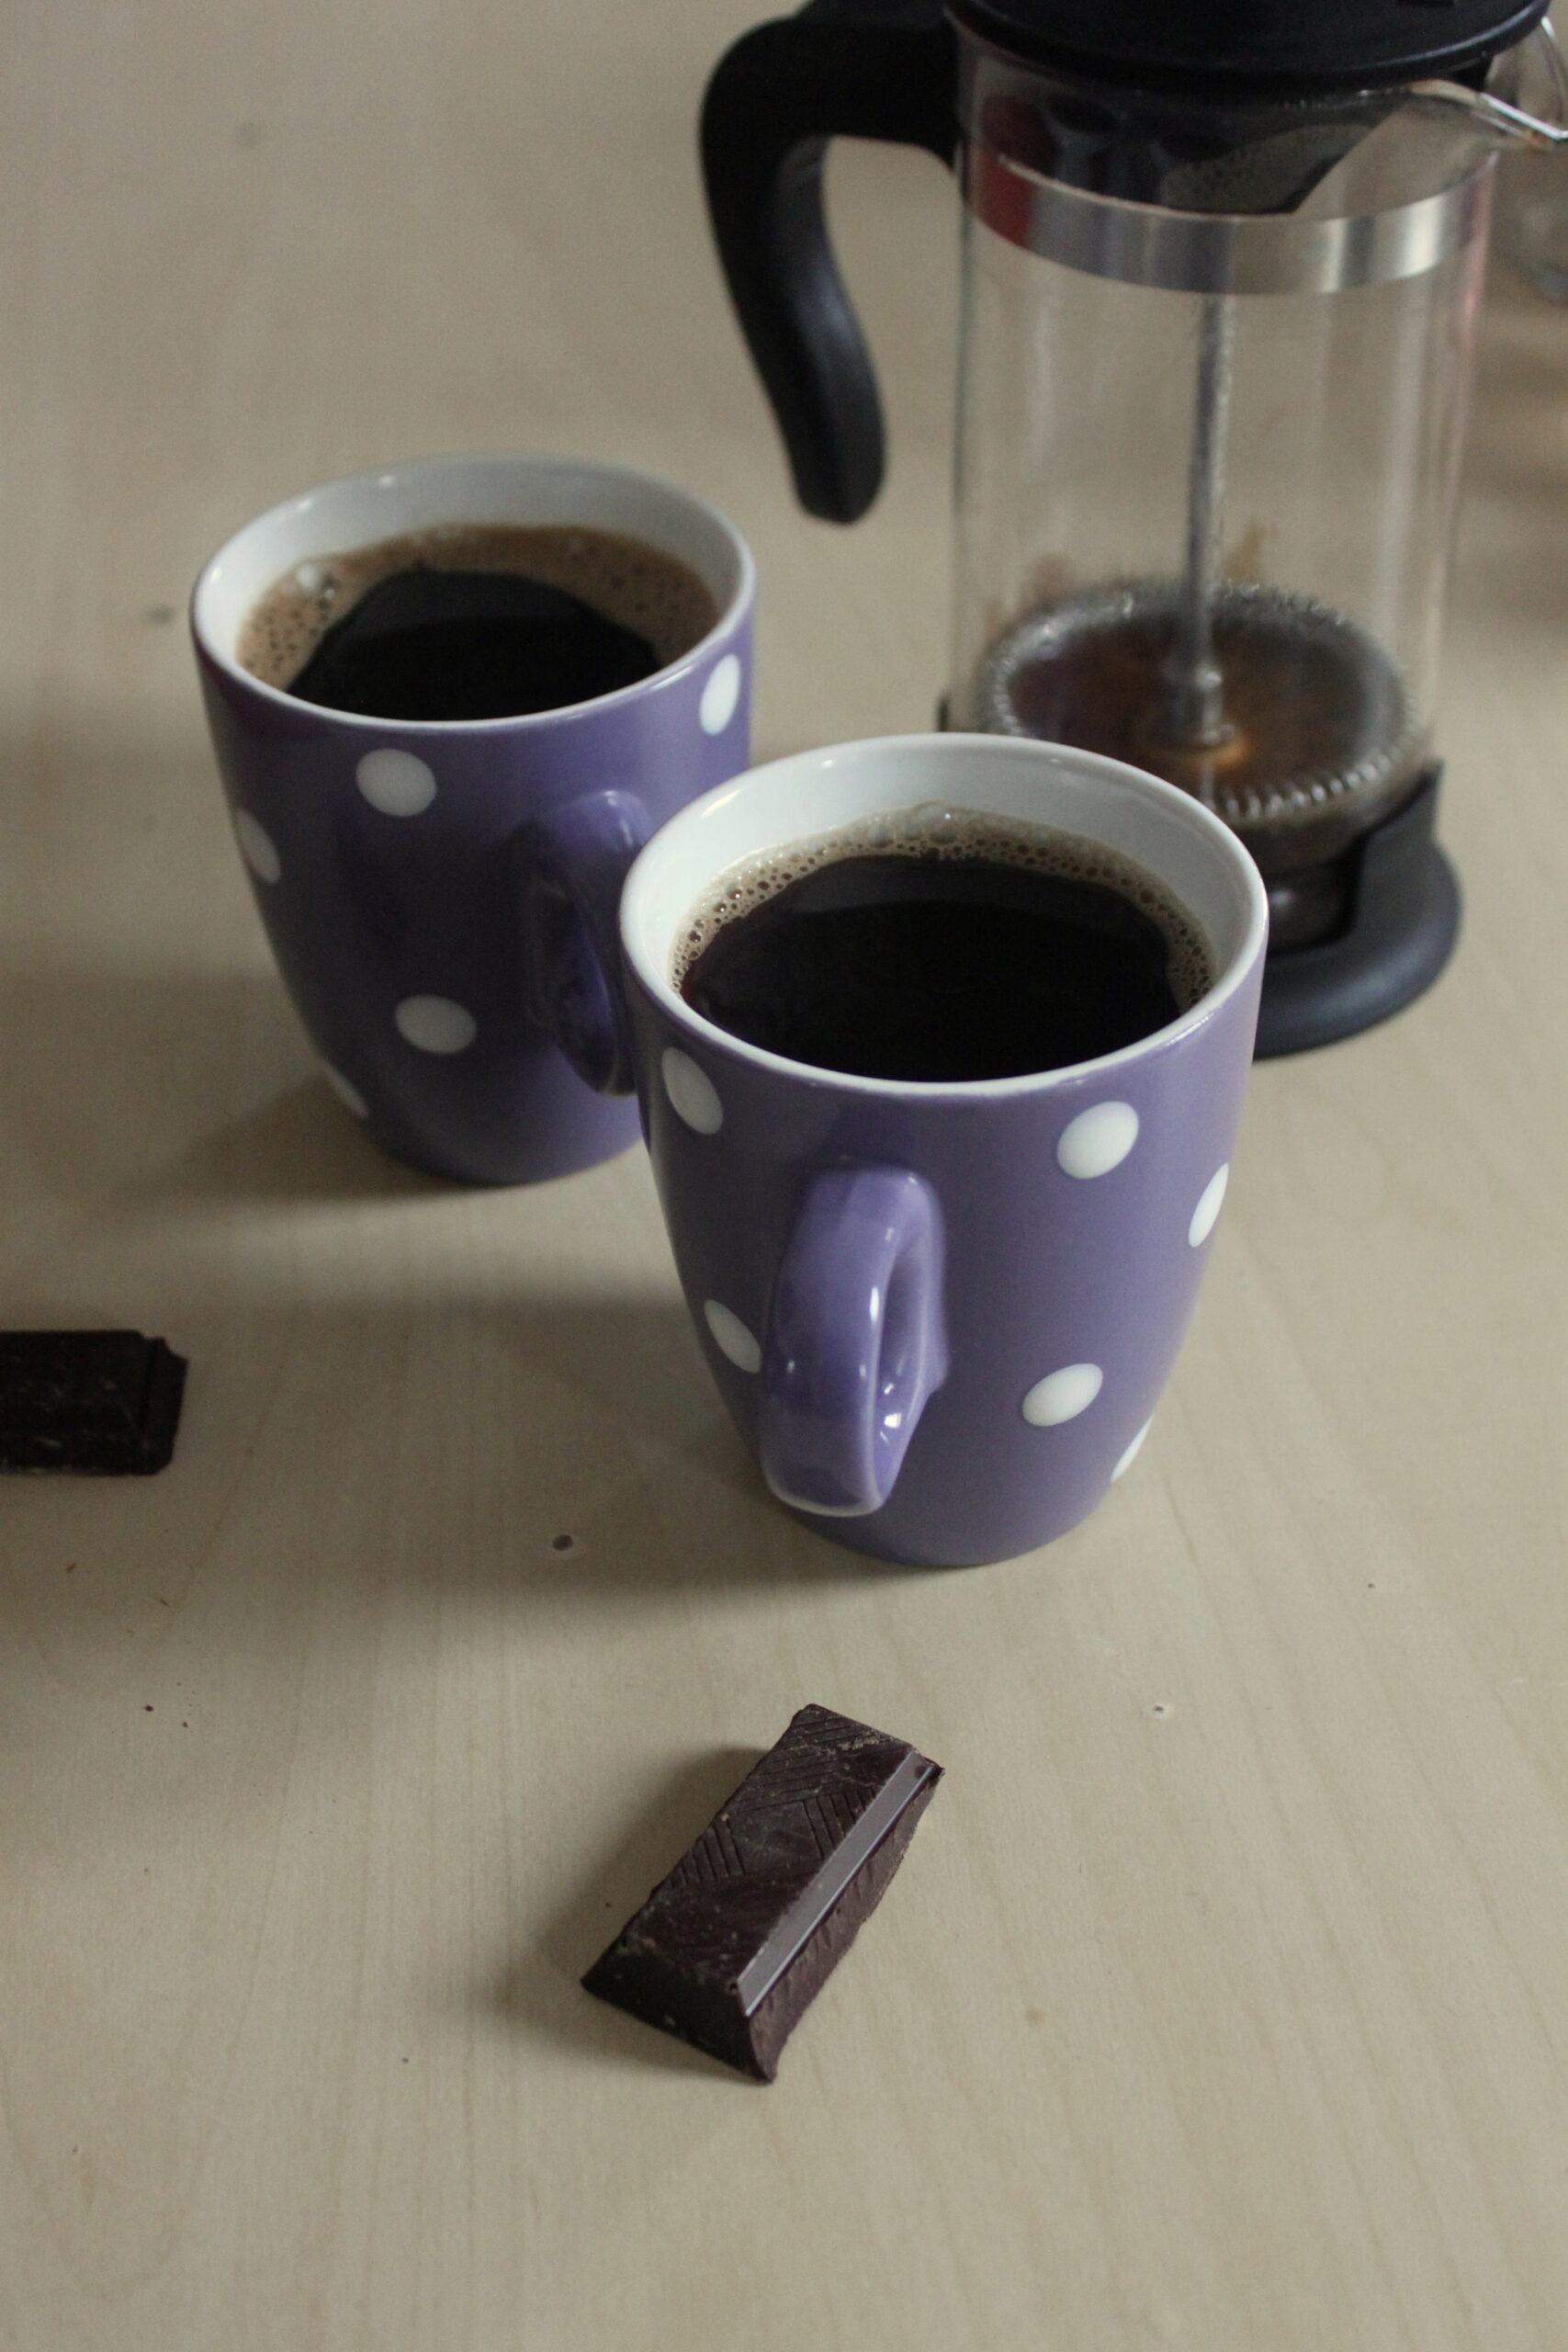 Une petite pause ! Photo zoomée de deux cafés et deux carrés de chocolat.